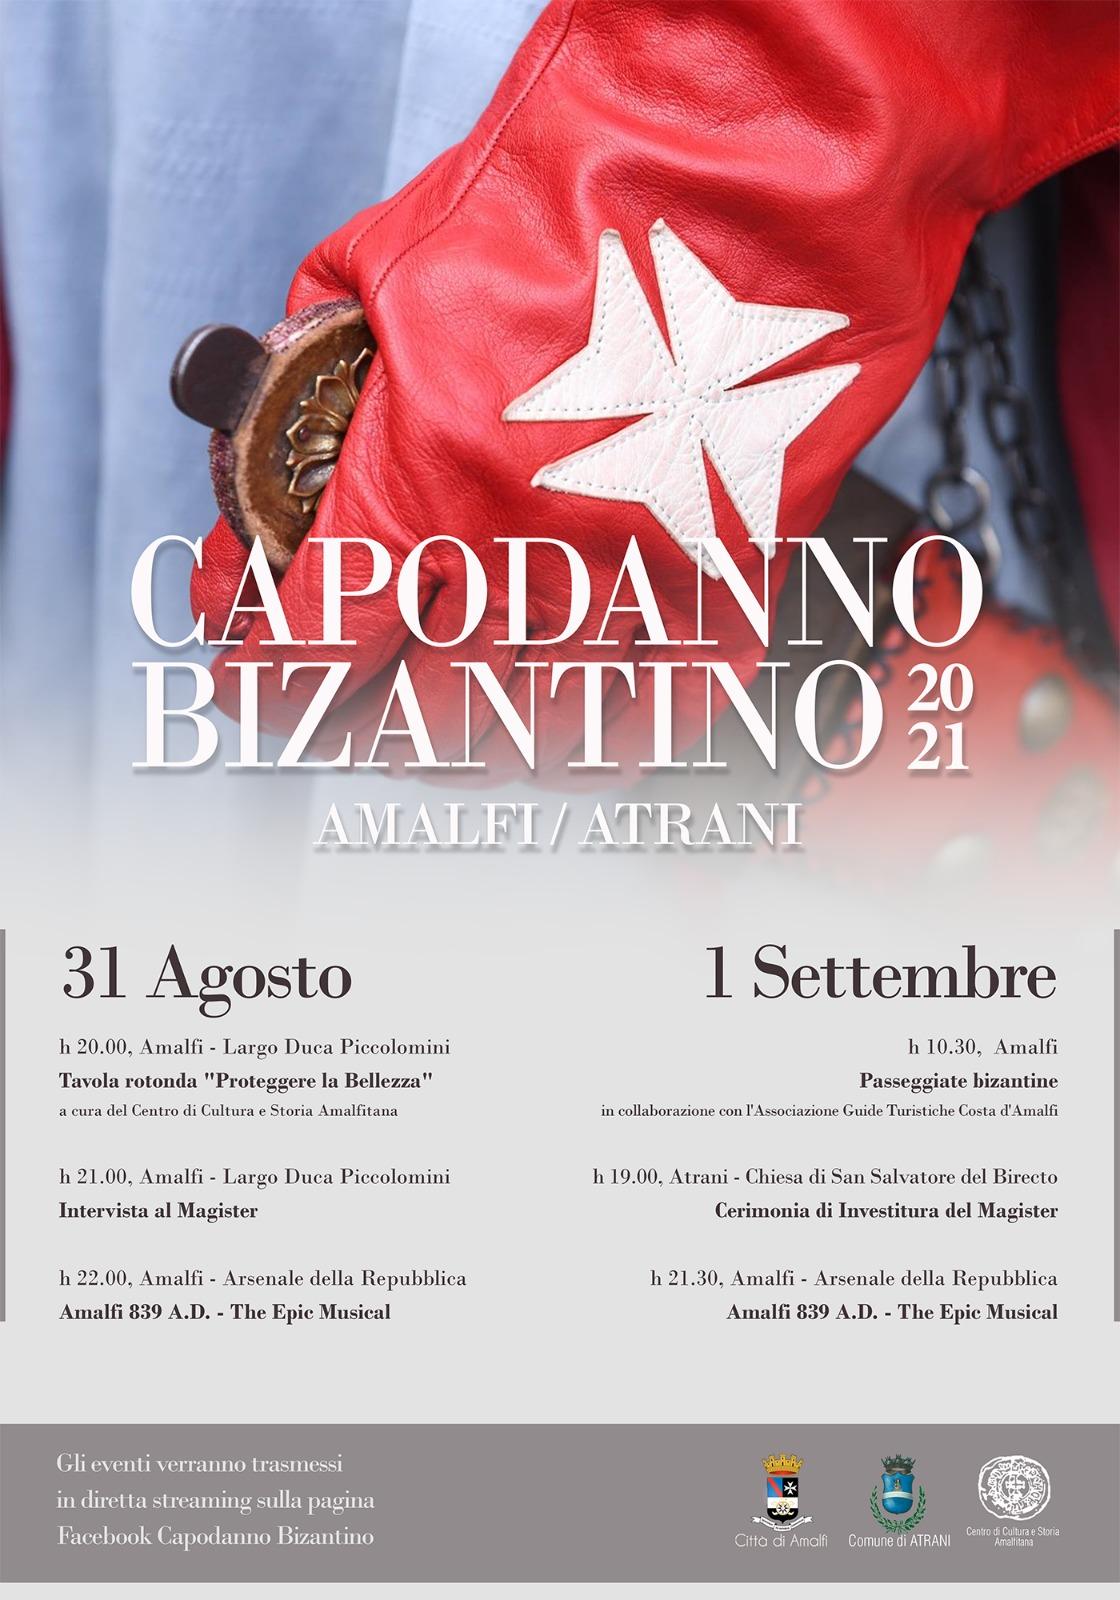 Capodanno Bizantino 2021 - manifesto